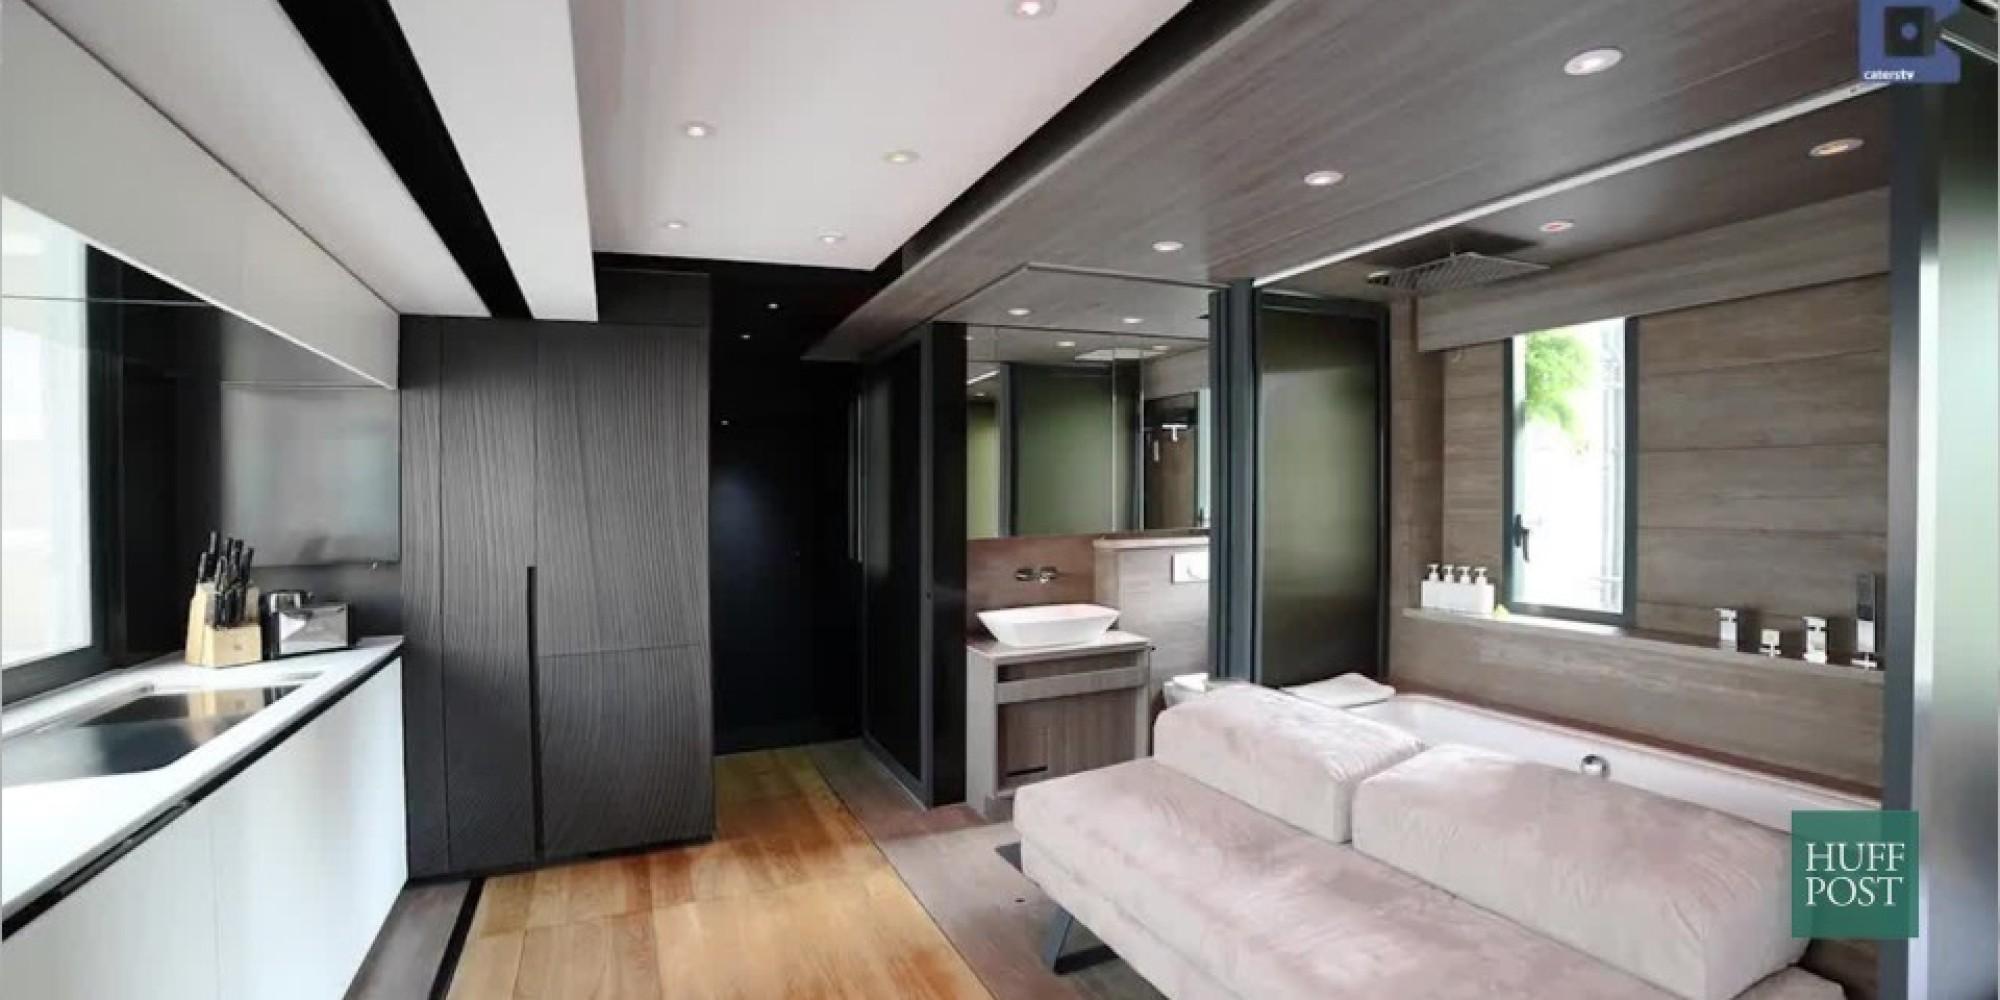 diese wohnung ist kleiner als 6 quadratmeter doch drinnen wartet der pure luxus. Black Bedroom Furniture Sets. Home Design Ideas